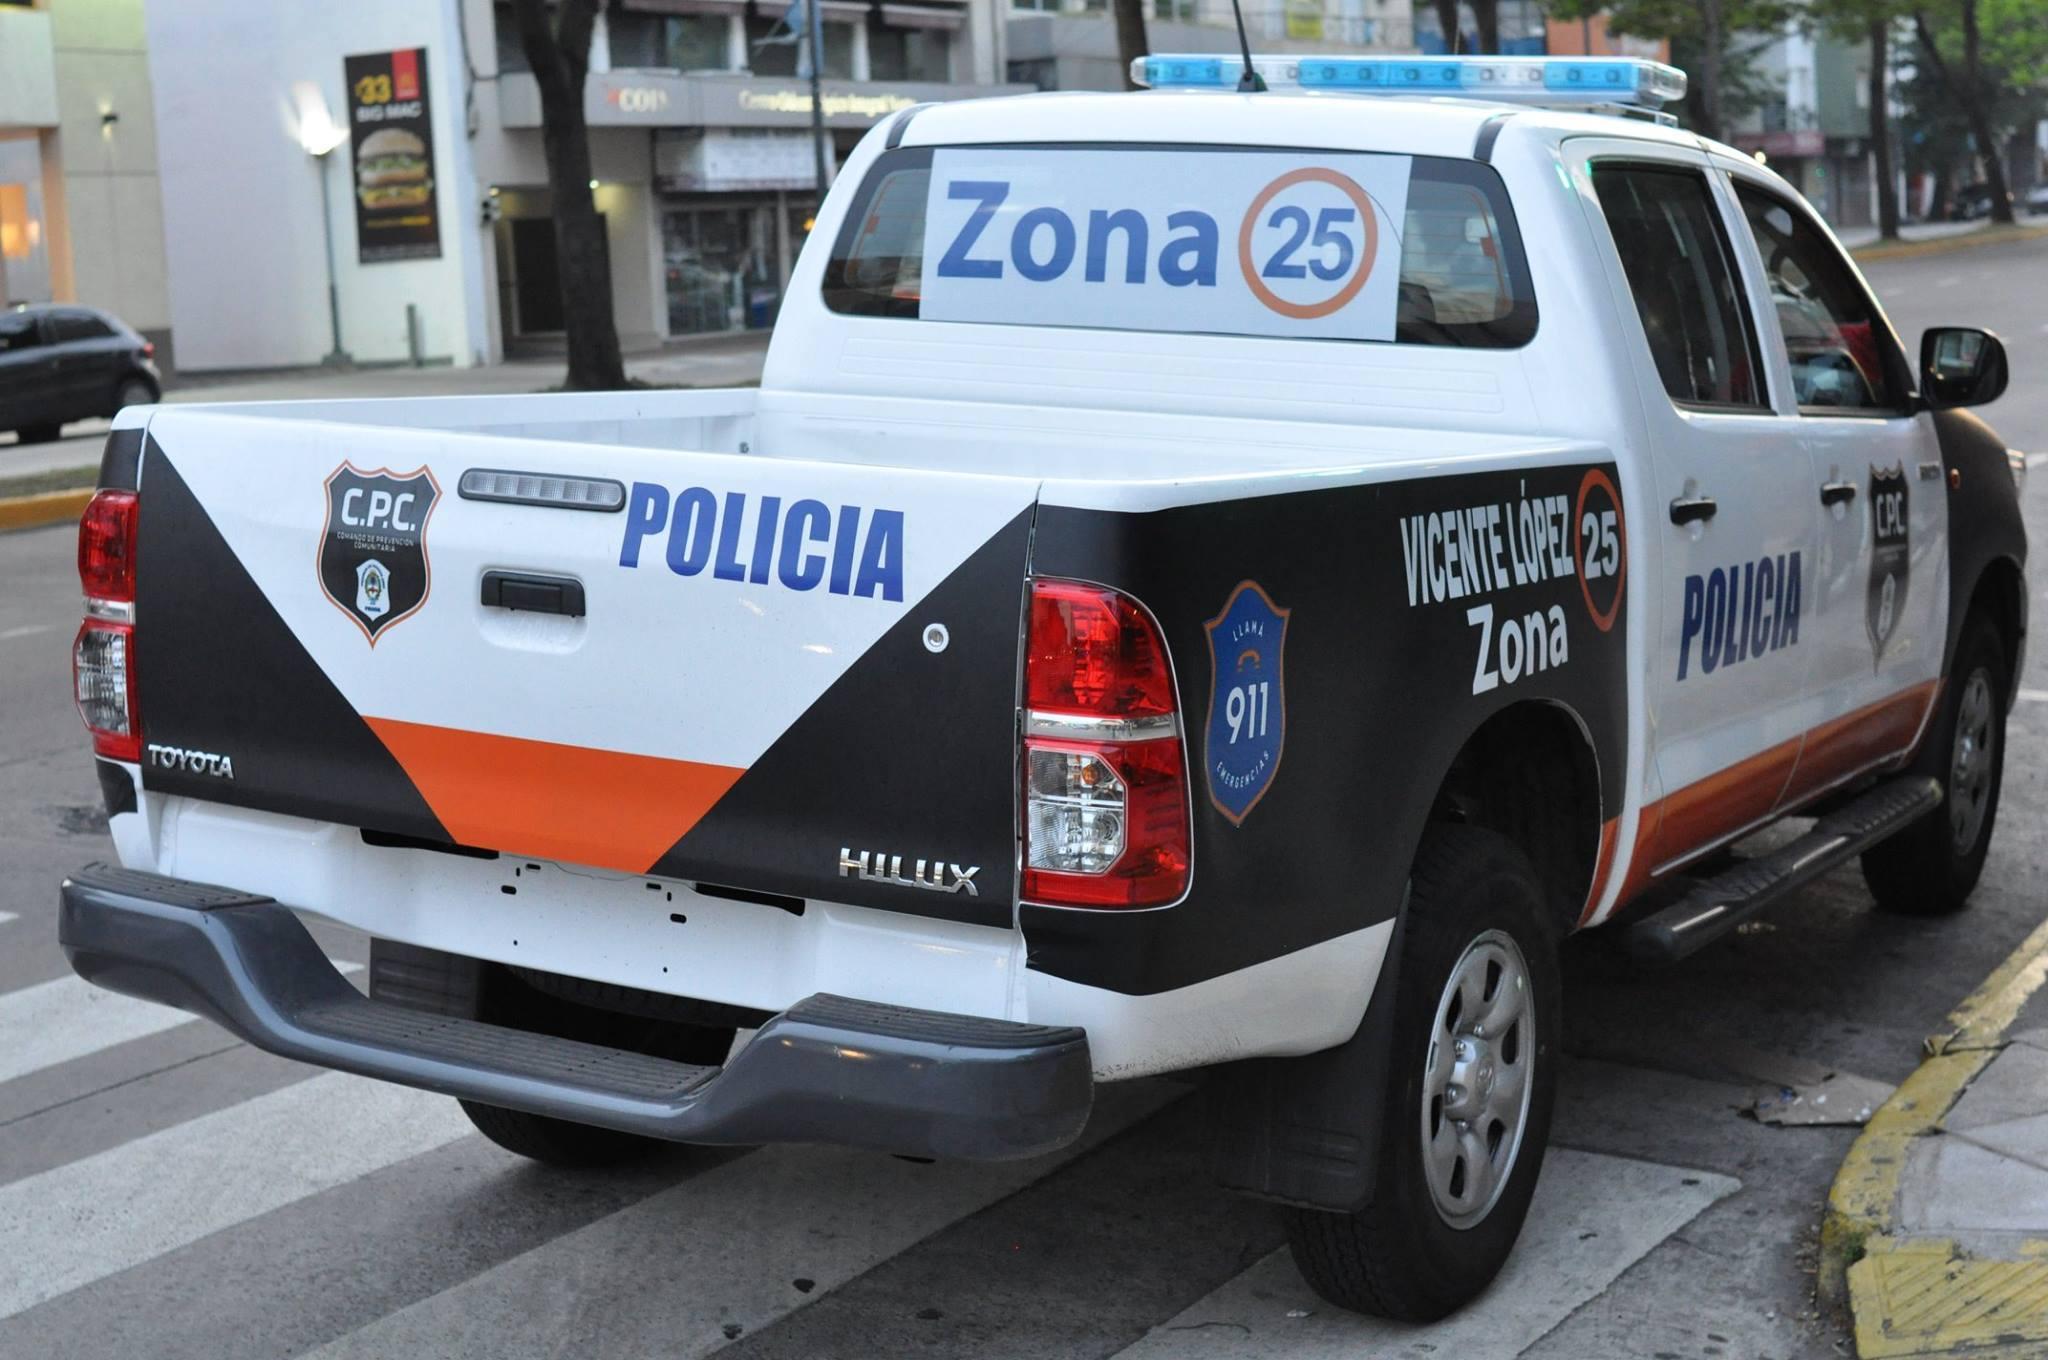 La unidades policiales no tenían patente en las inmediaciones de la Estación de Olivos.